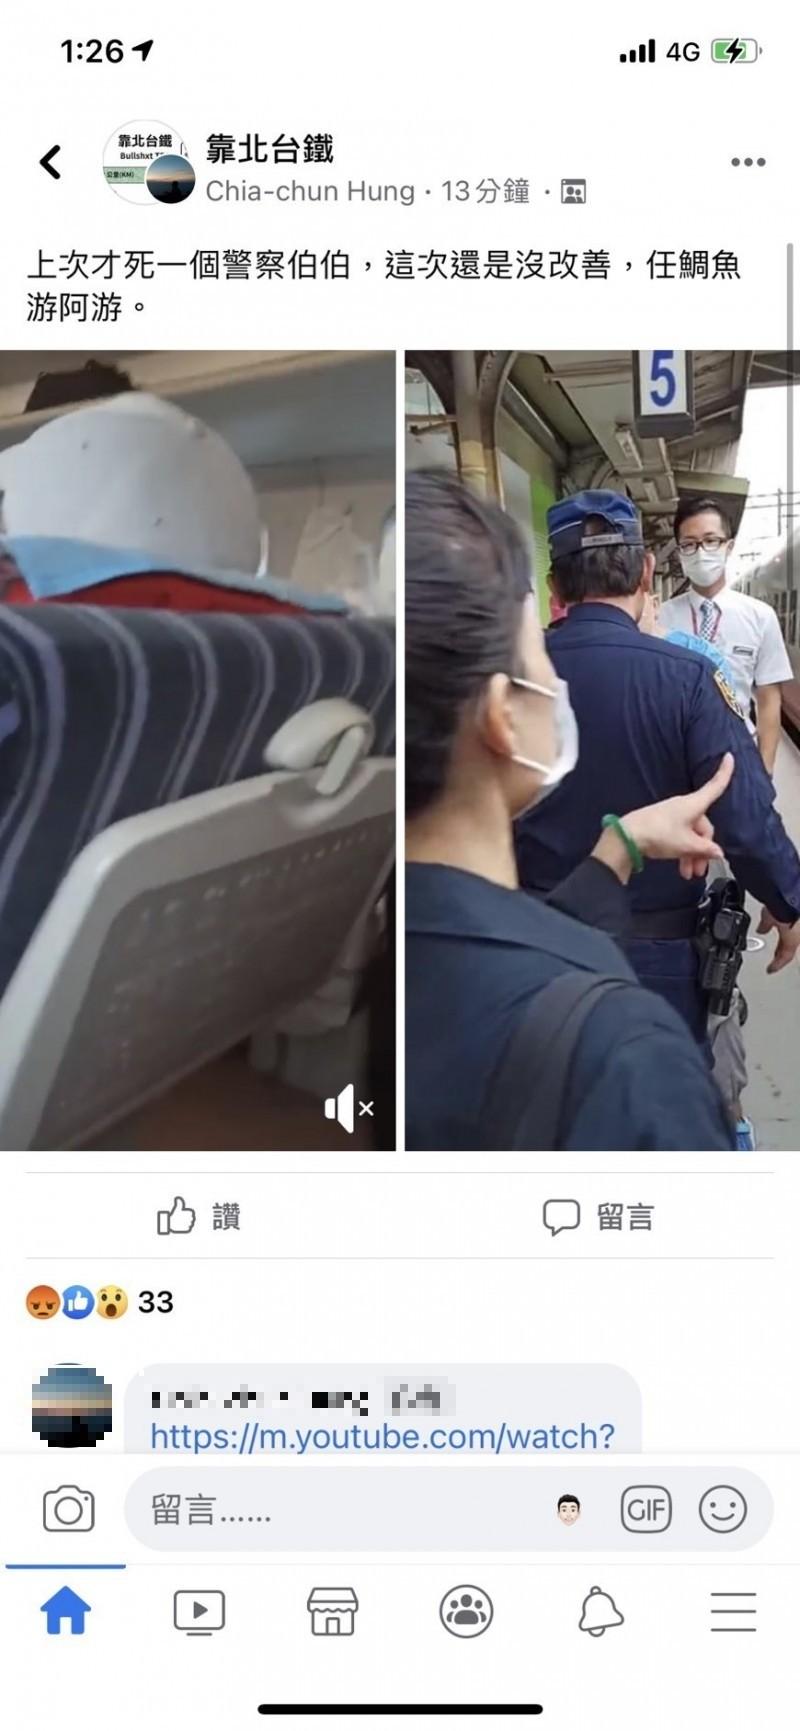 台鐵普悠瑪列車今天上午10:41在新竹站發生列車長遭毆打事件,幸列車長未受傷也未波及乘客。(圖擷取自臉書)